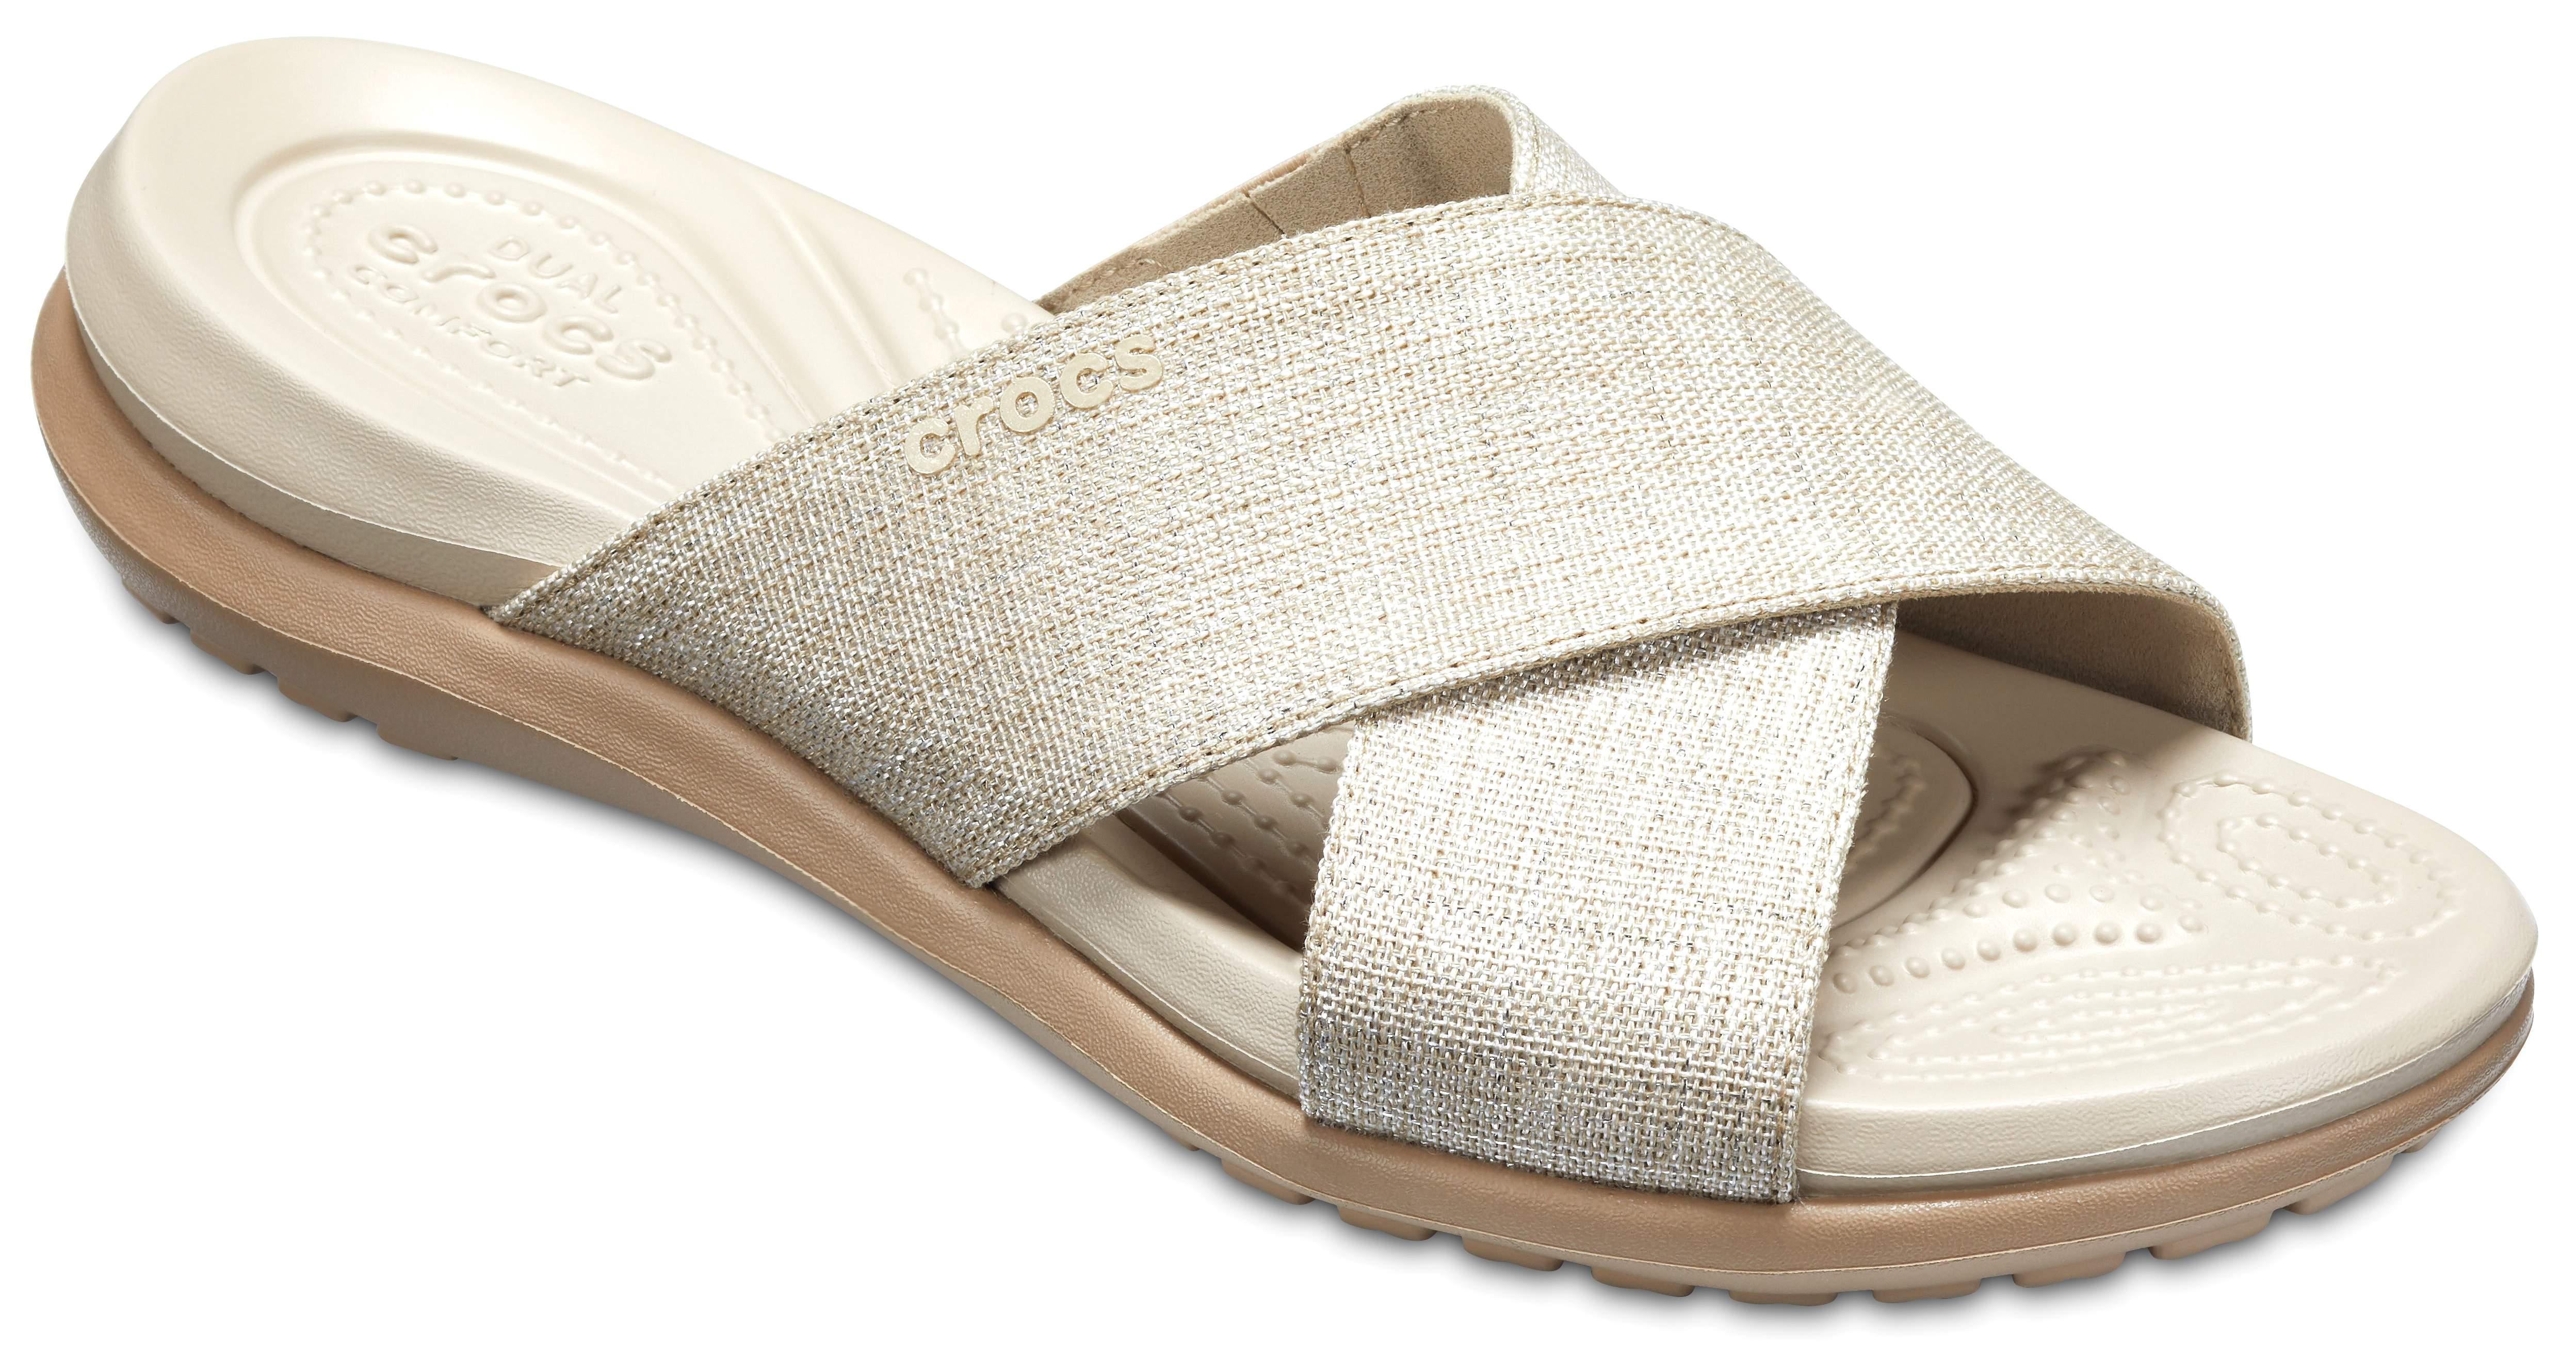 Crocs Capri Shimmer Women's ... Slide Sandals